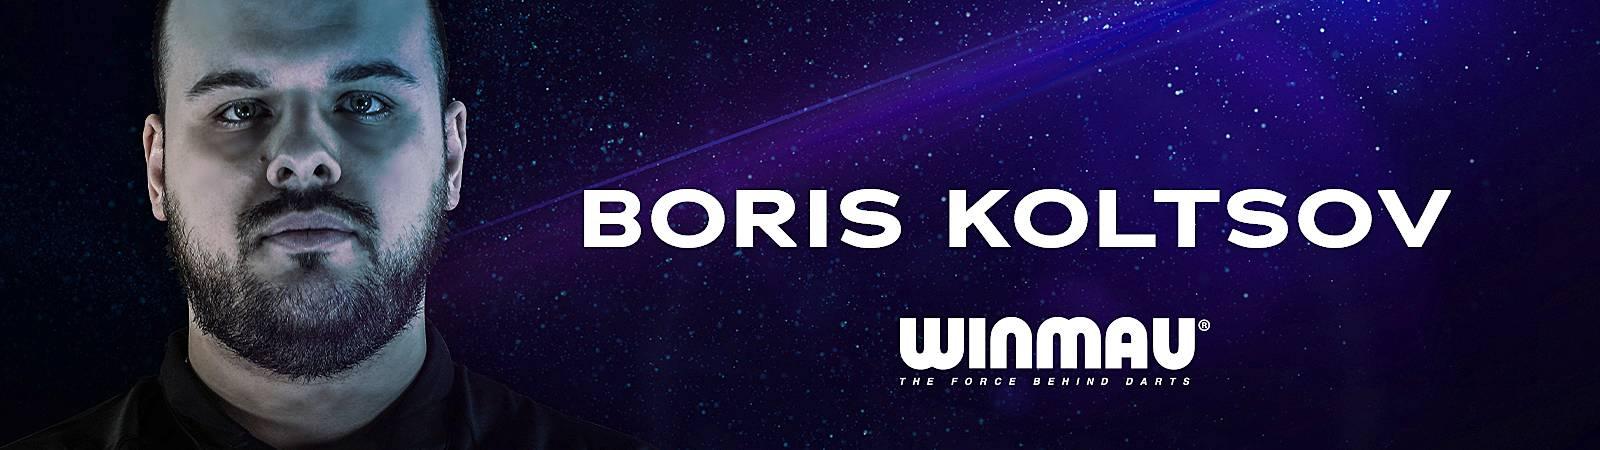 Winmau Boris Koltsov